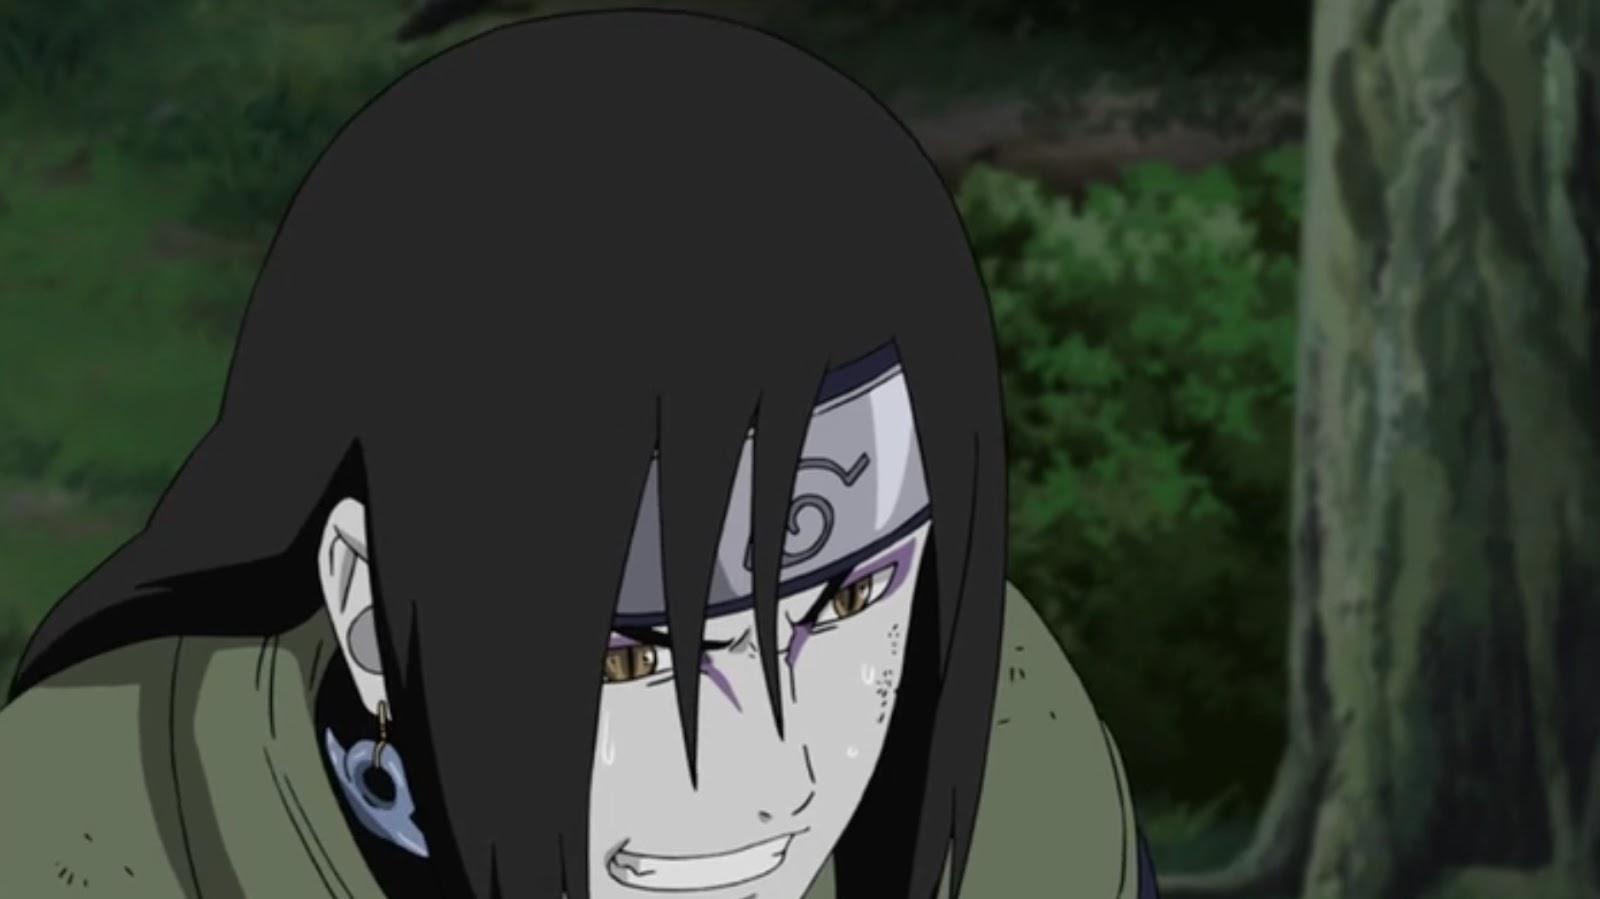 Naruto Shippuden Episódio 352, Assistir Naruto Shippuden Episódio 352, Assistir Naruto Shippuden Todos os Episódios Legendado, Naruto Shippuden episódio 352,HD